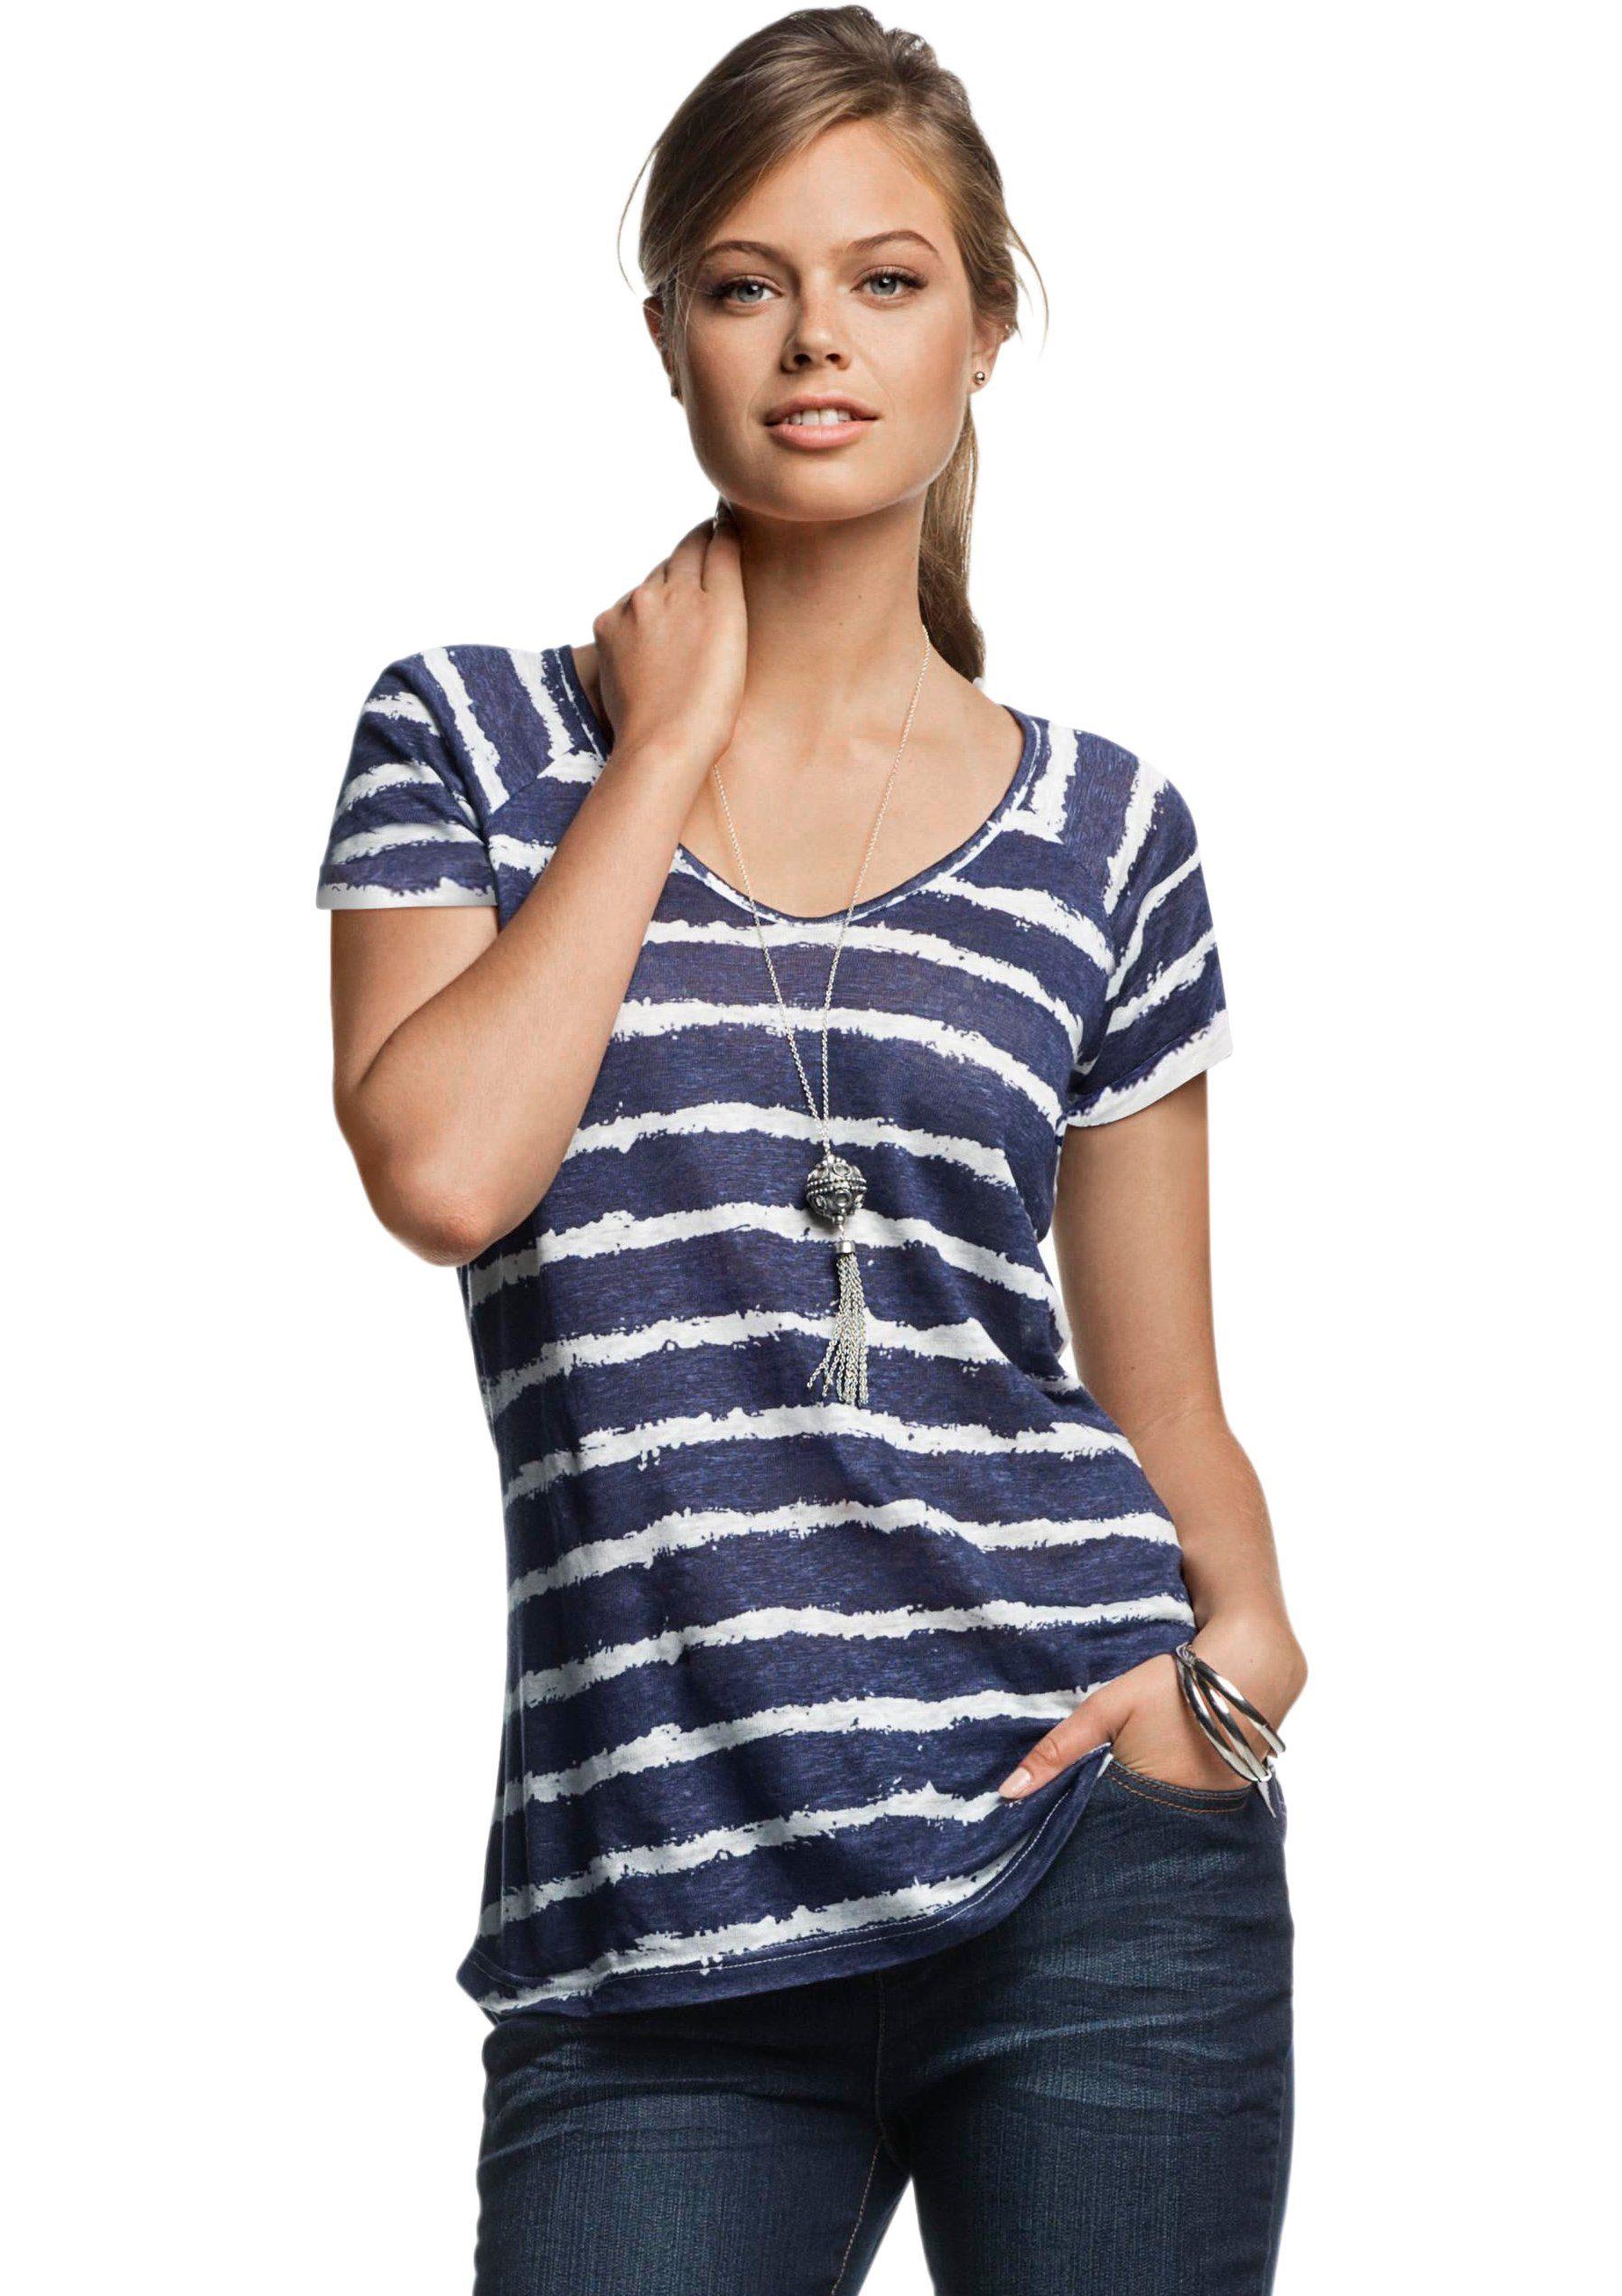 Ambria Shirt mit Maritim inszeniertem Streifen-Muster